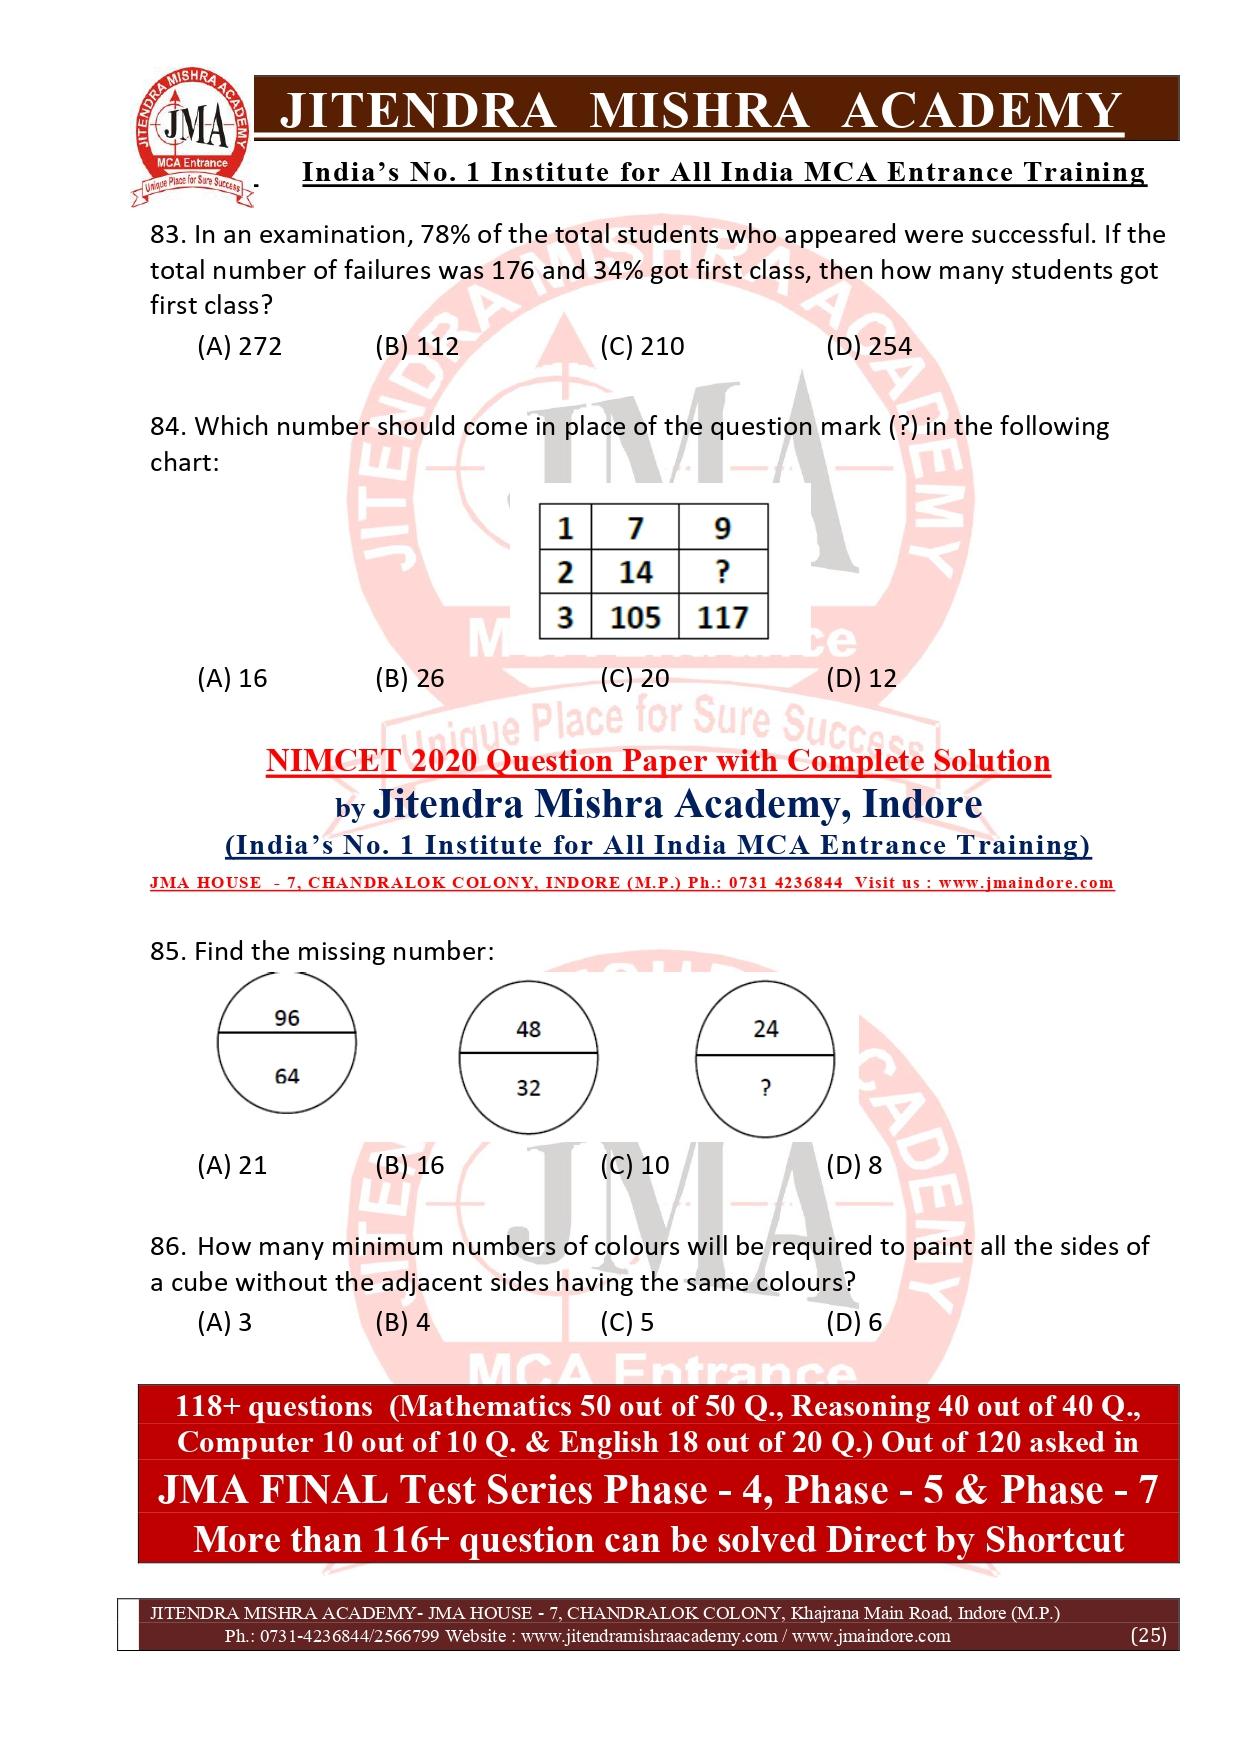 NIMCET 2020 QUESTION PAPER (FINAL)_page-0025